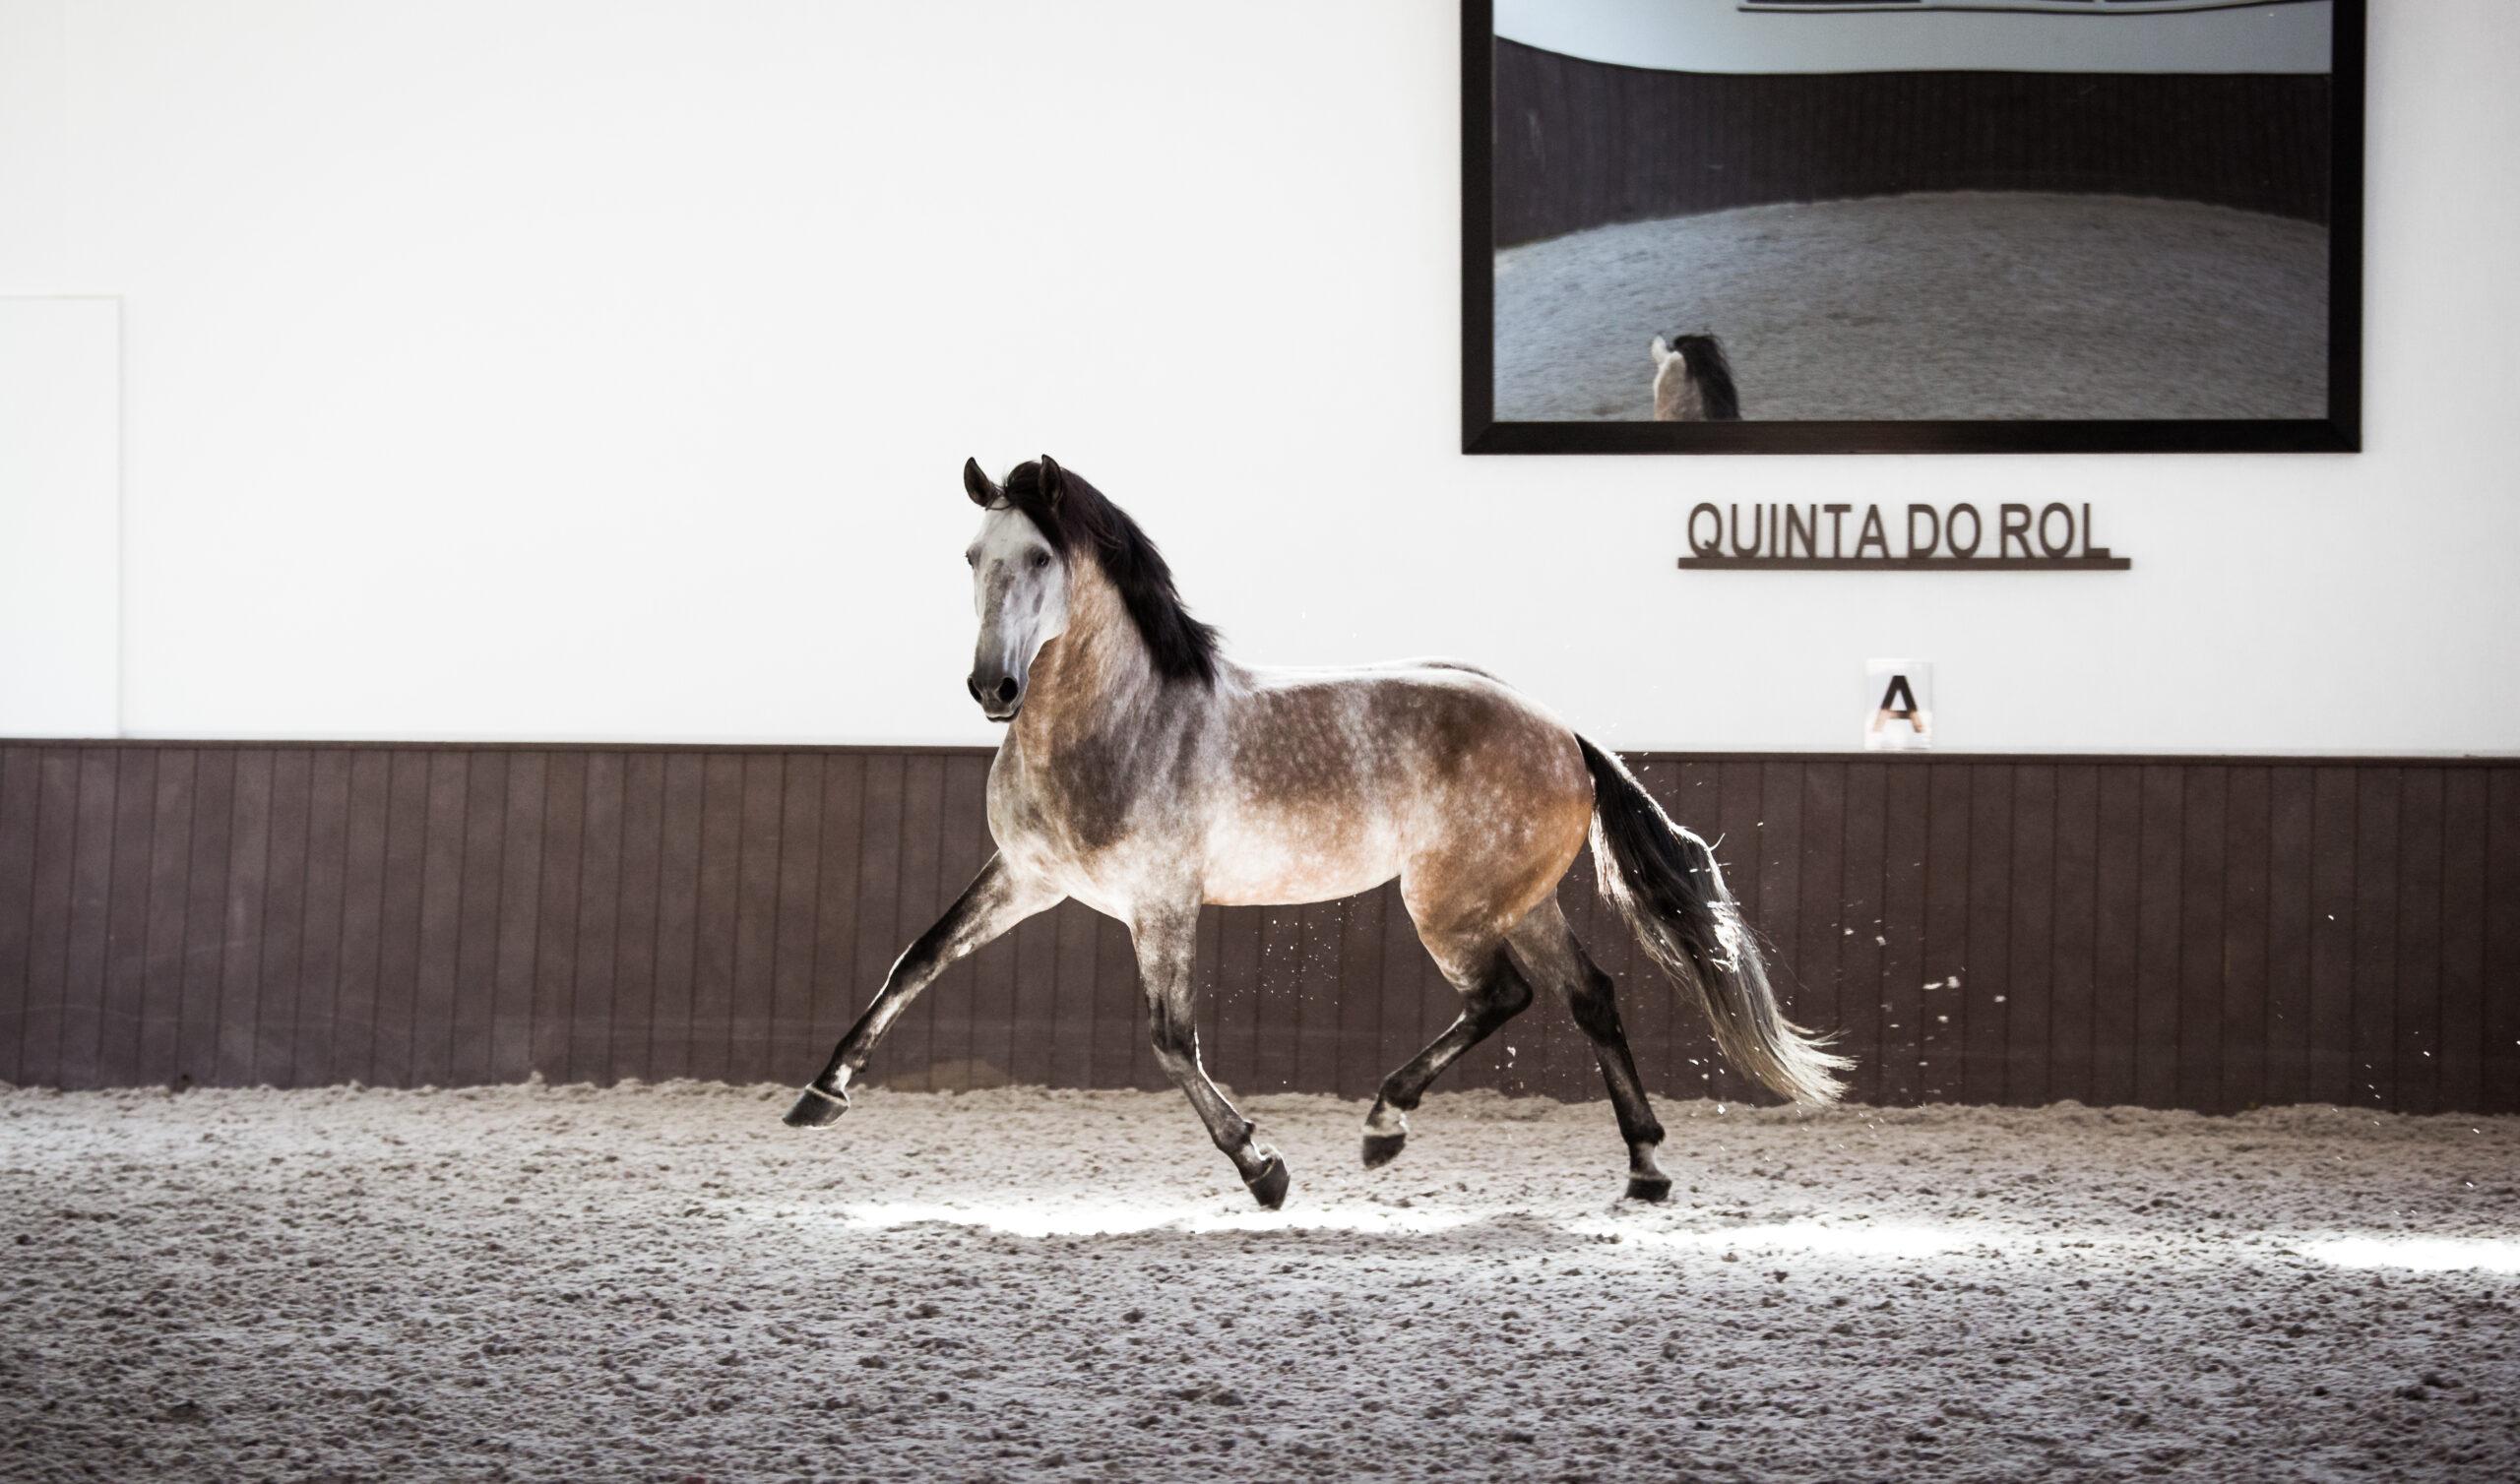 Dressuurstage in Quinta do Rol / Portugal - Vakantie te paard / Reisbureau Perlan